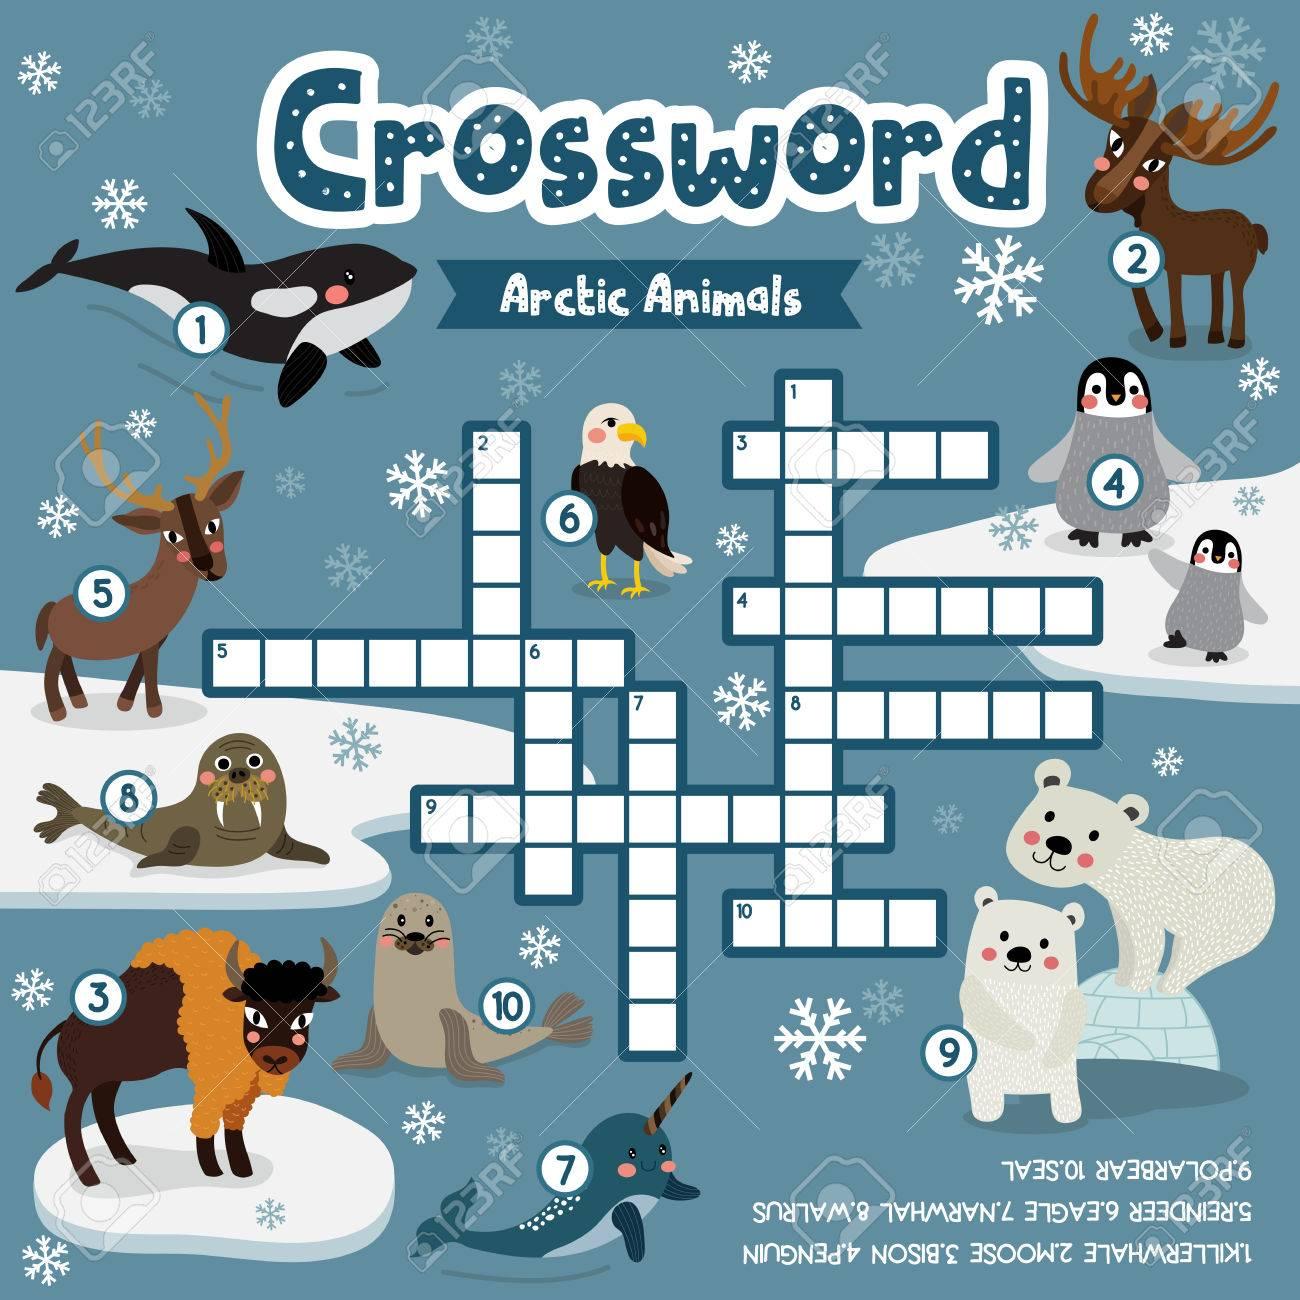 Crosswords Puzzle Game Of Arctic Animals For Preschool Kids Activity ...